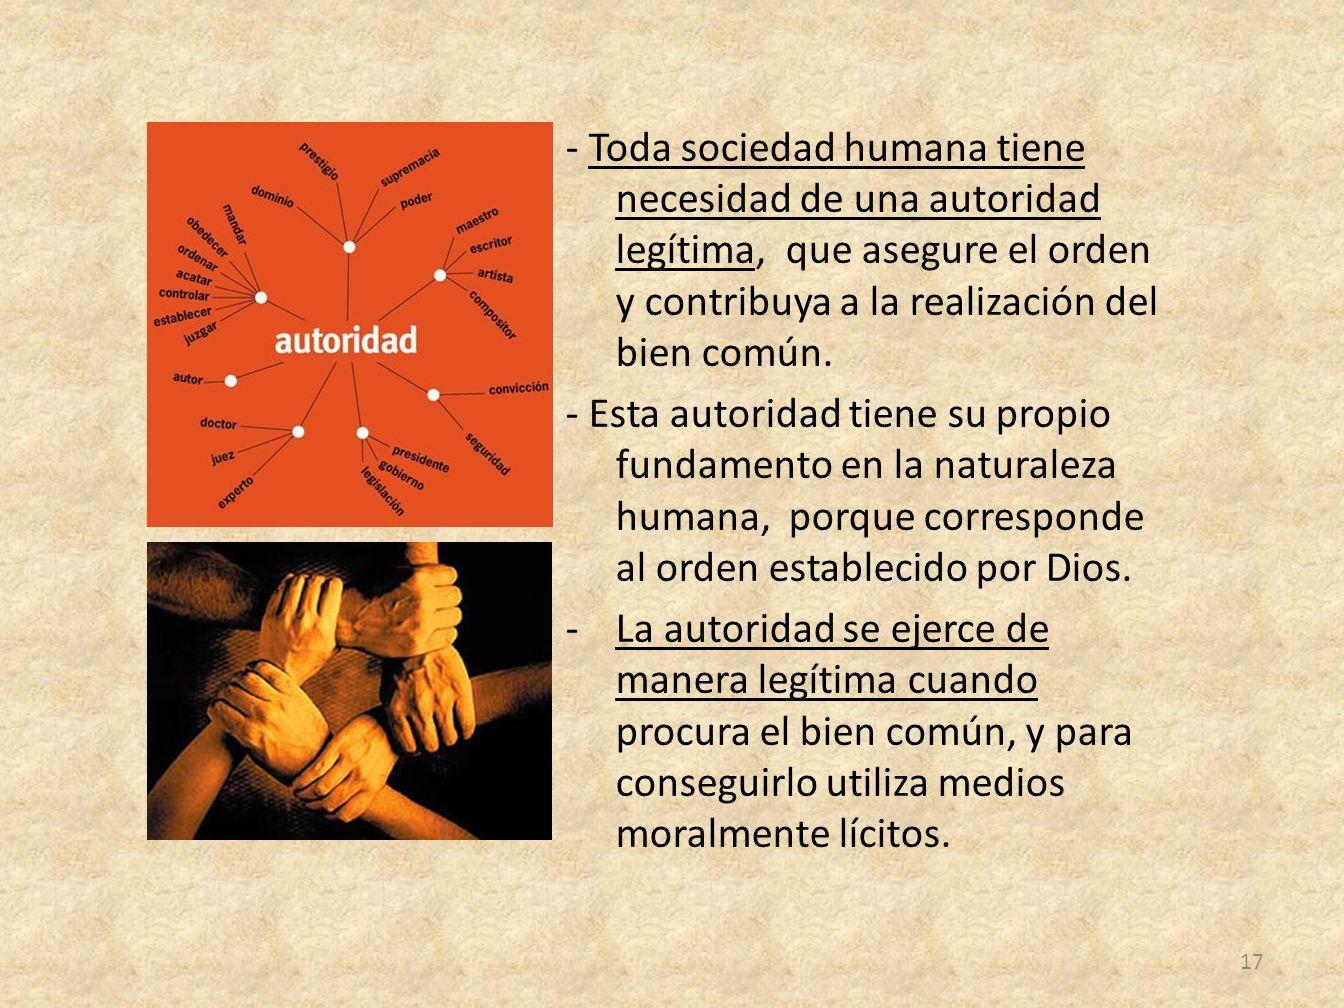 - Toda sociedad humana tiene necesidad de una autoridad legítima, que asegure el orden y contribuya a la realización del bien común.